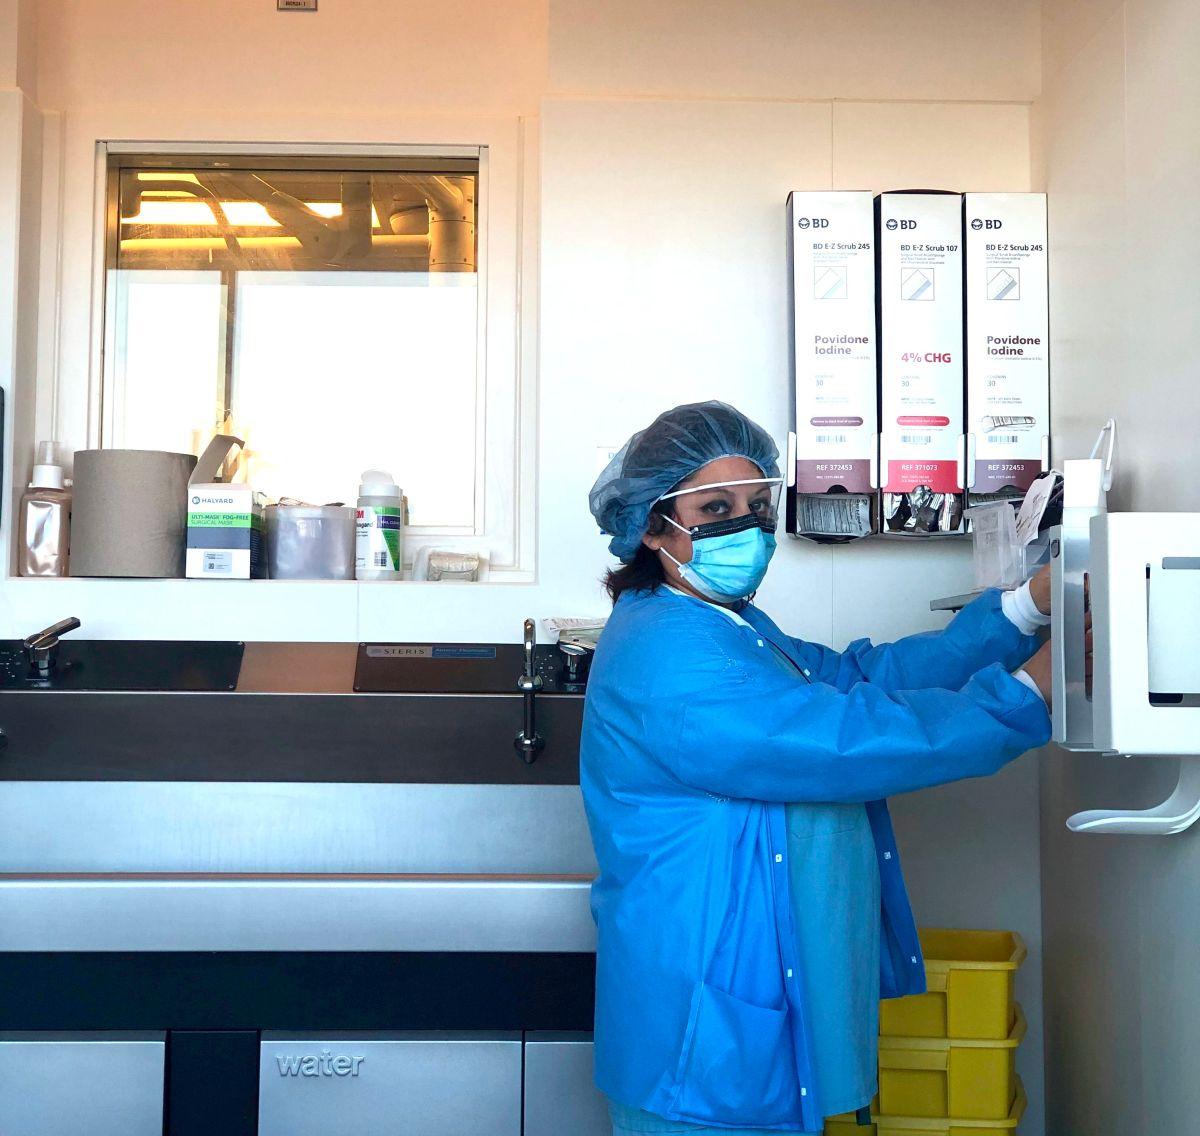 Claudia Calderón asiste a pacientes en el área de cirugía del Centro Médico de la Universidad de Chicago. (Cortesía)